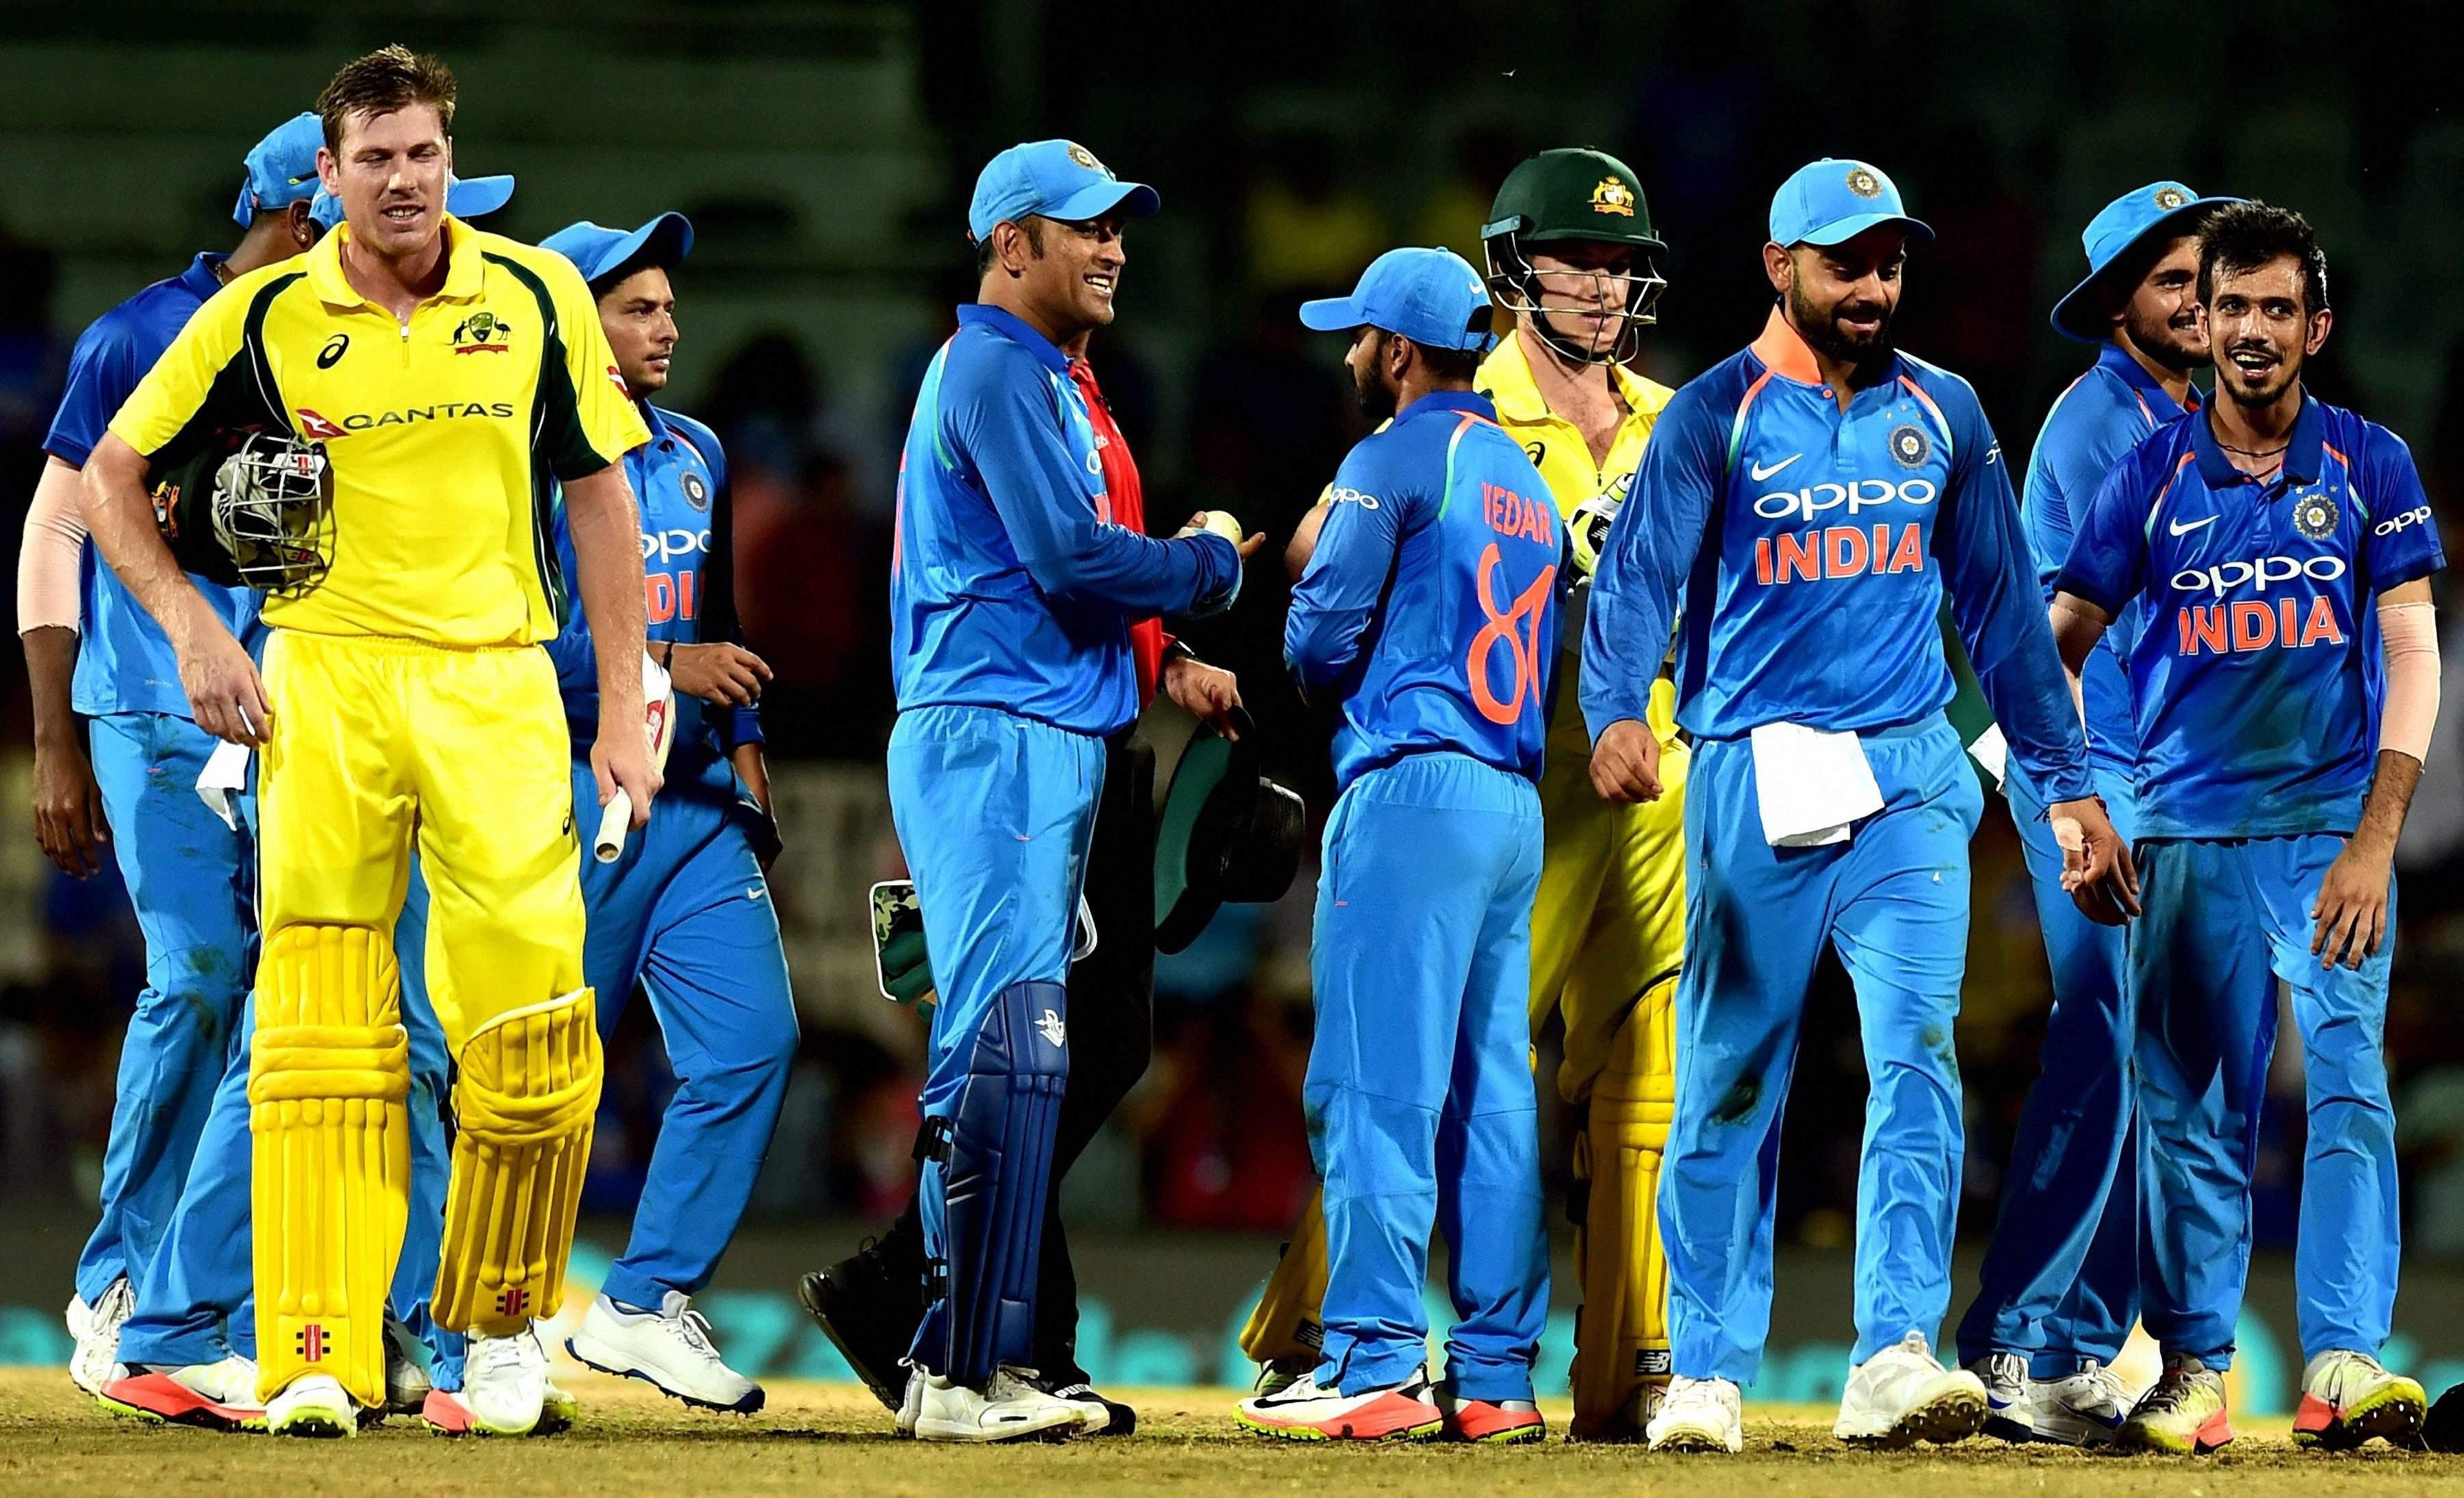 ऑस्ट्रेलिया के खिलाफ पहला मैच भले ही भारत ने जीता हो, लेकिन यहाँ दोनों टीमों को मिलेंगे एक-एक अंक 41